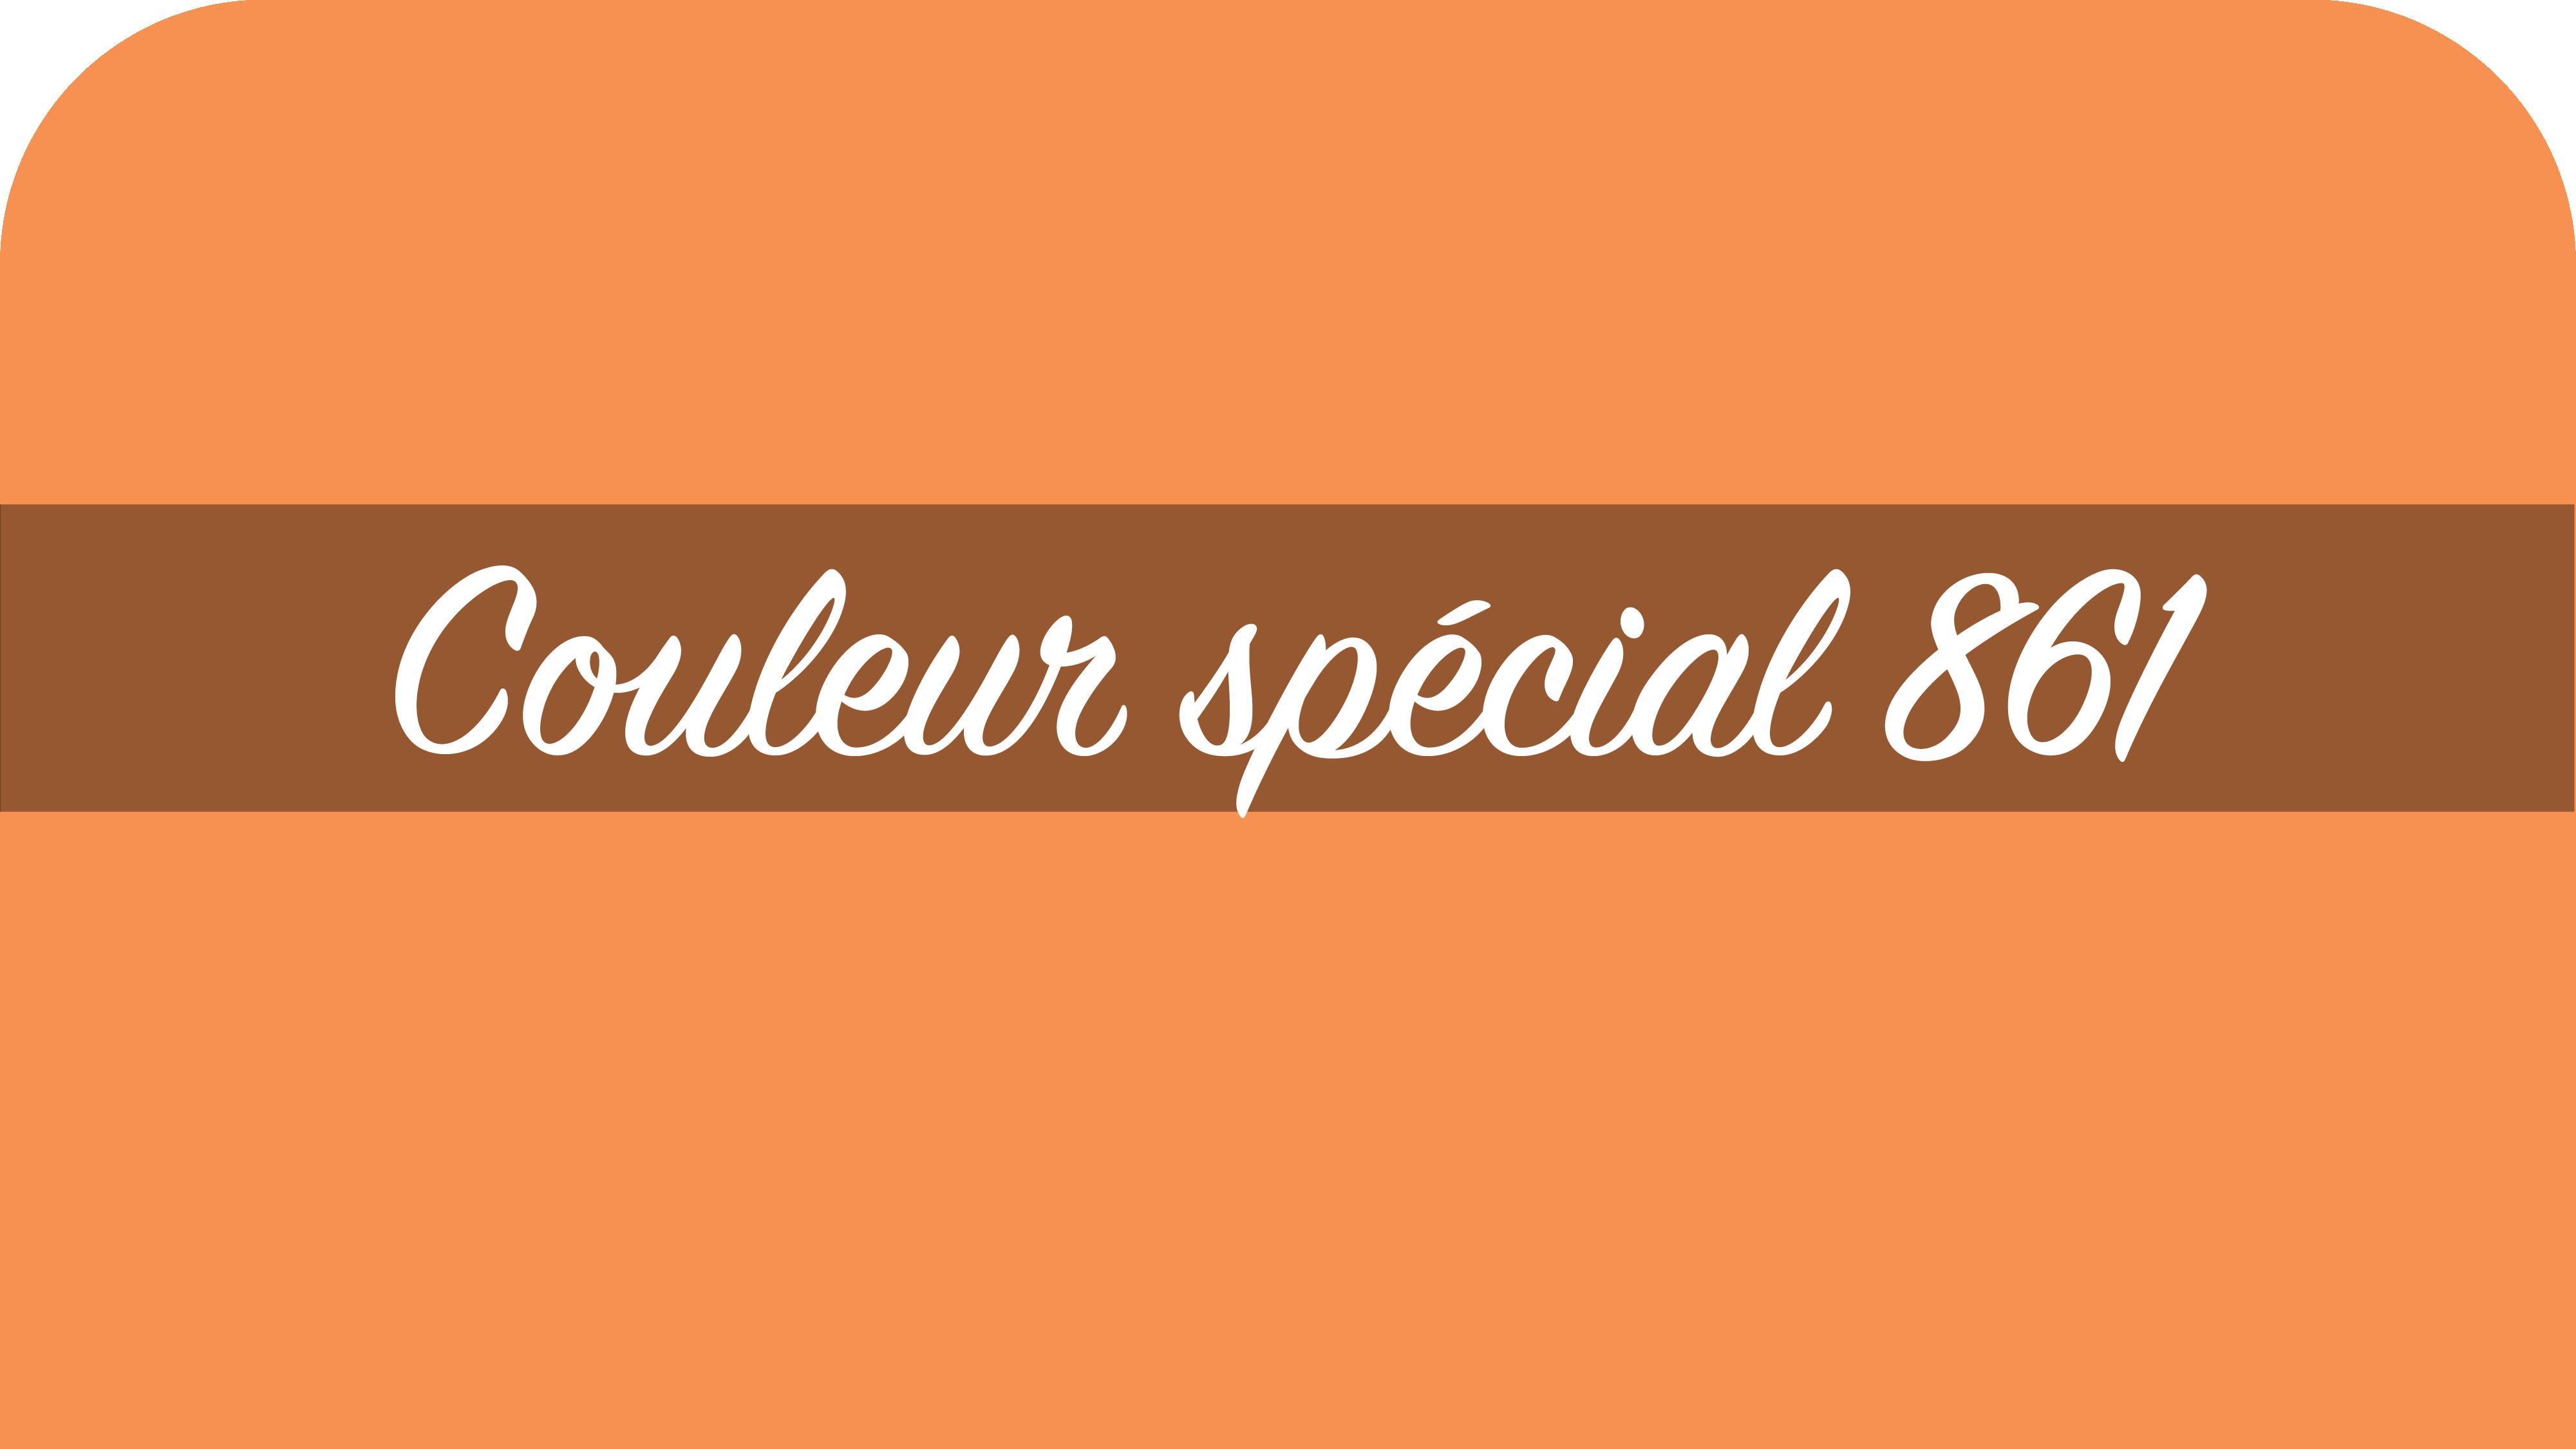 couleur-special-861